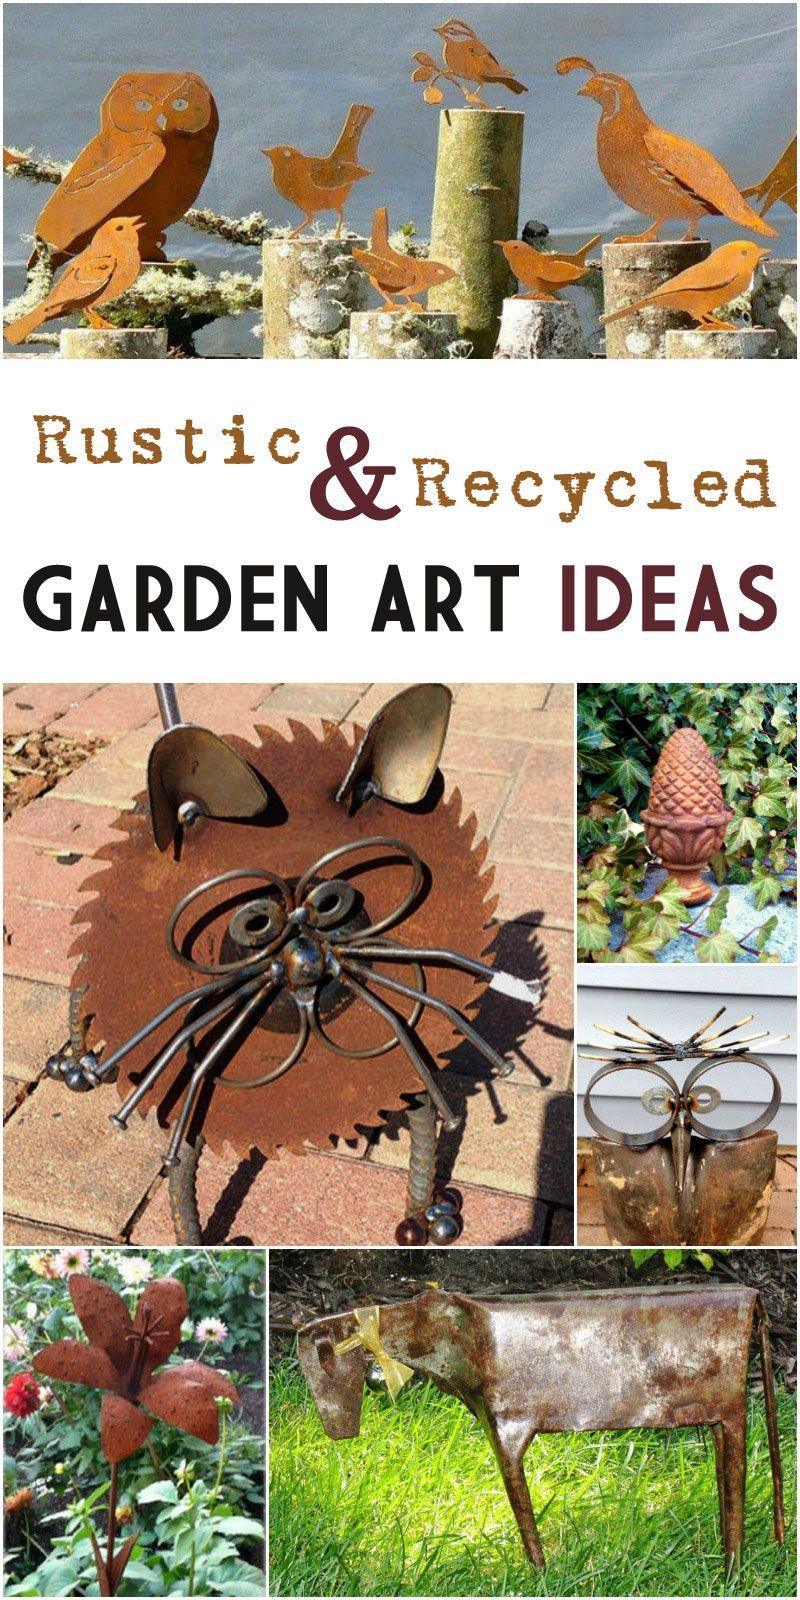 Rustic & Recycled Garden Art Ideas | Pinterest | Garden art, Rust ...